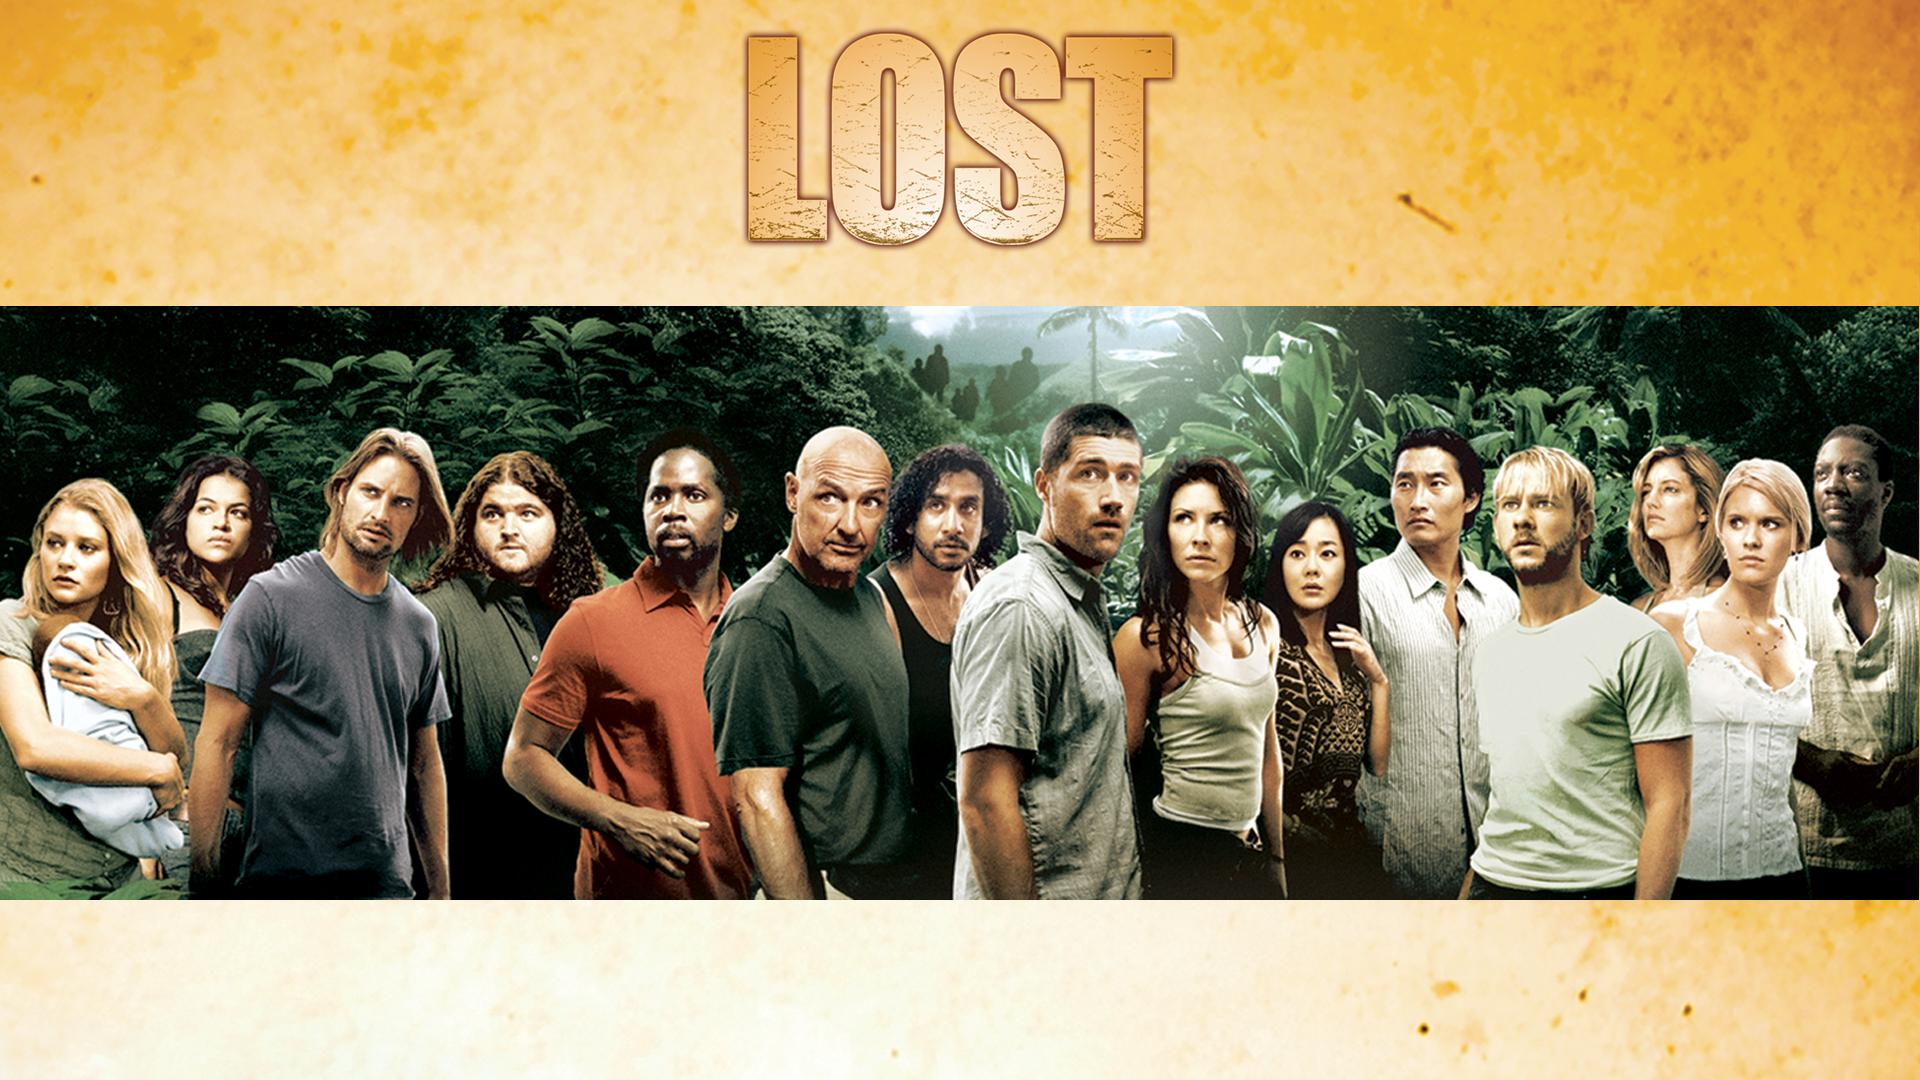 underholdning, lost, karakterer, serieguide, tvserie, tvserier